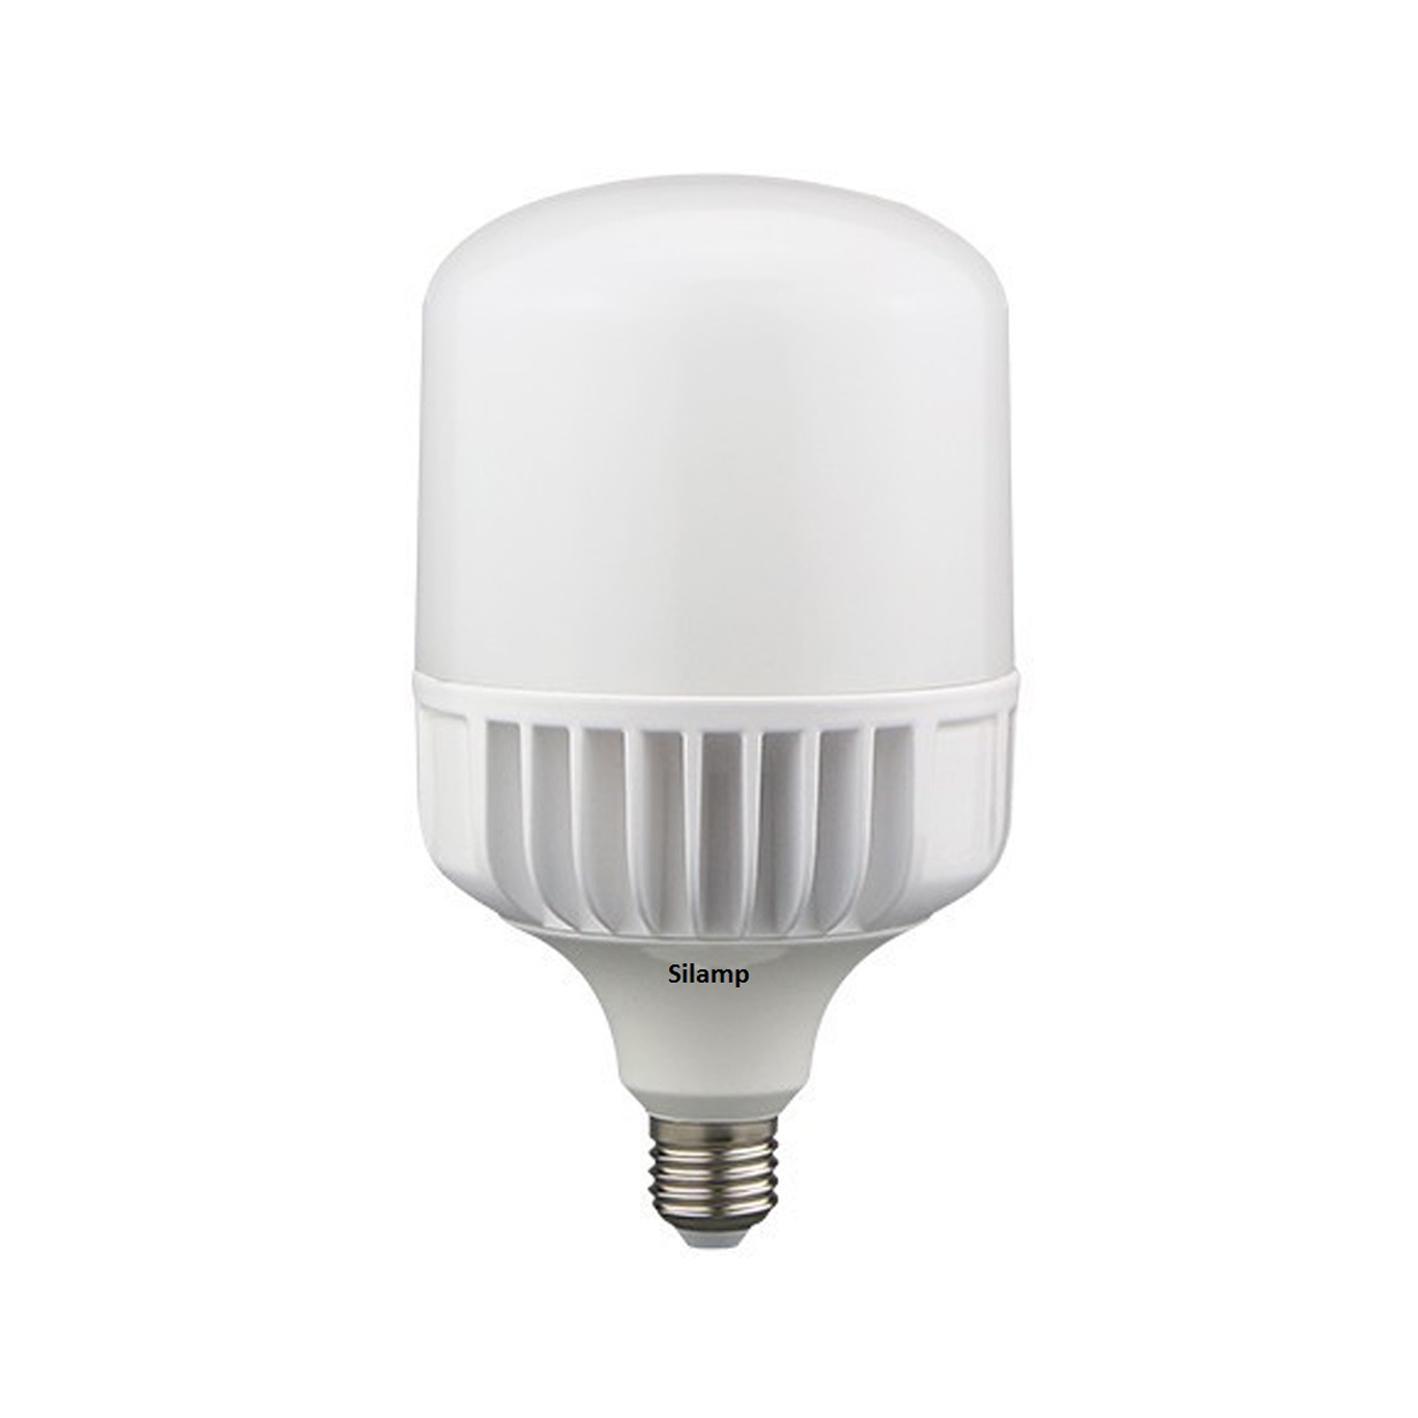 Cerco Lampade A Led.L65 50w Offerte Lampadine Led Silamp Lampadina A Led